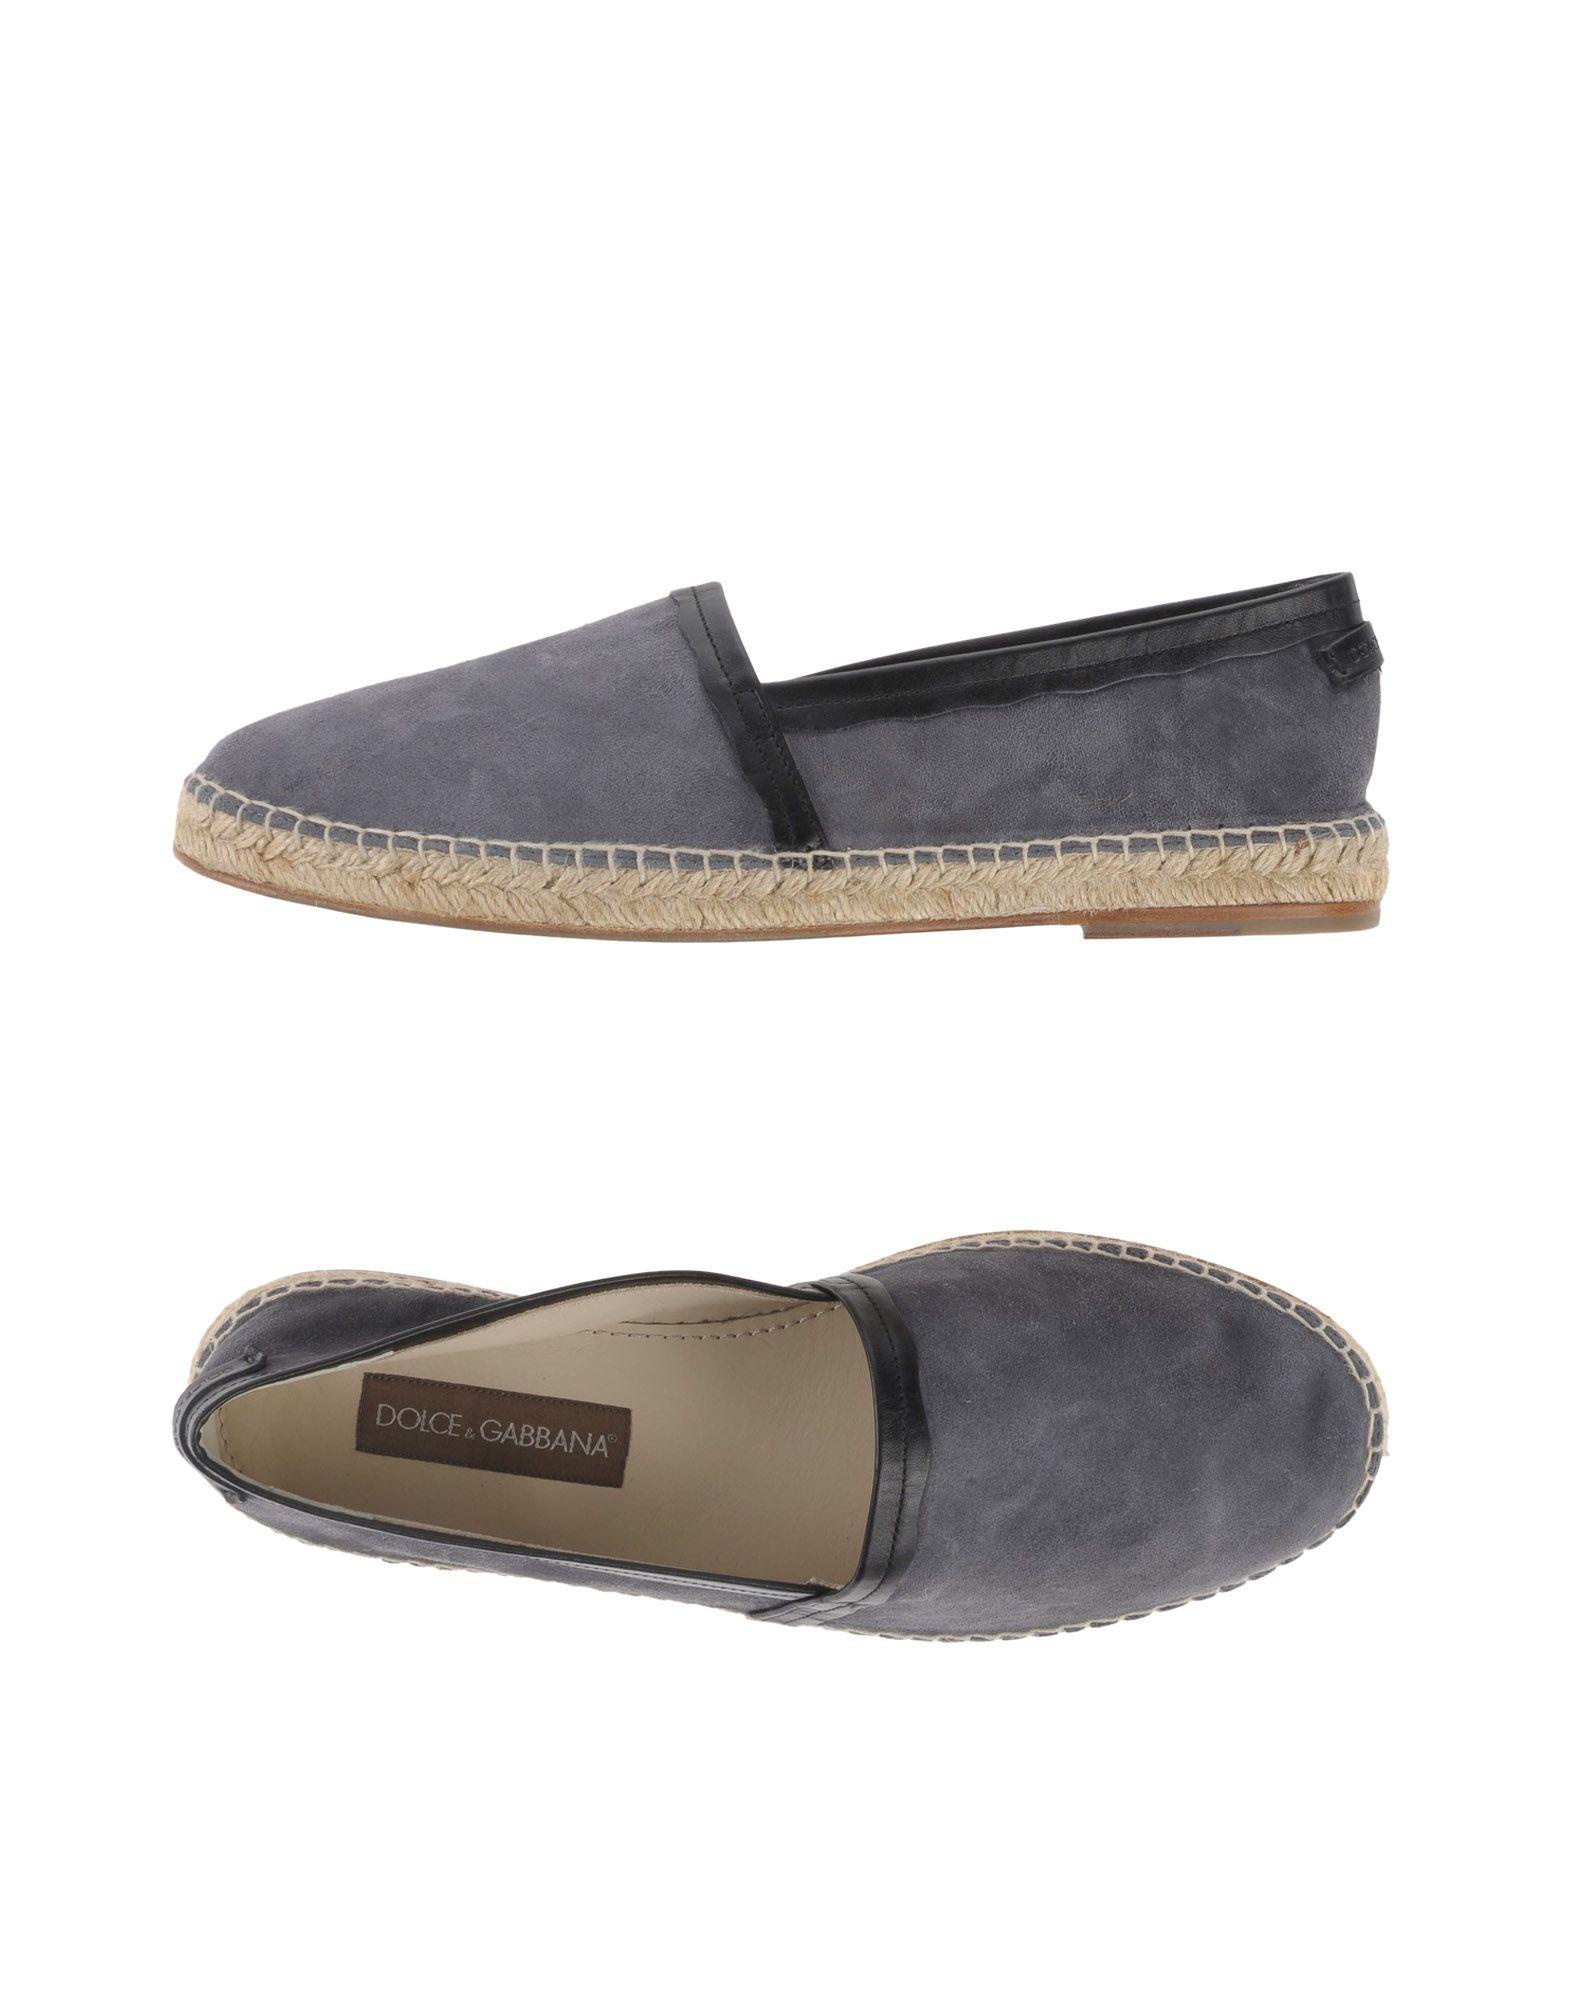 Dolce & Gabbana Espadrilles Herren  11099289HH Gute Qualität beliebte Schuhe